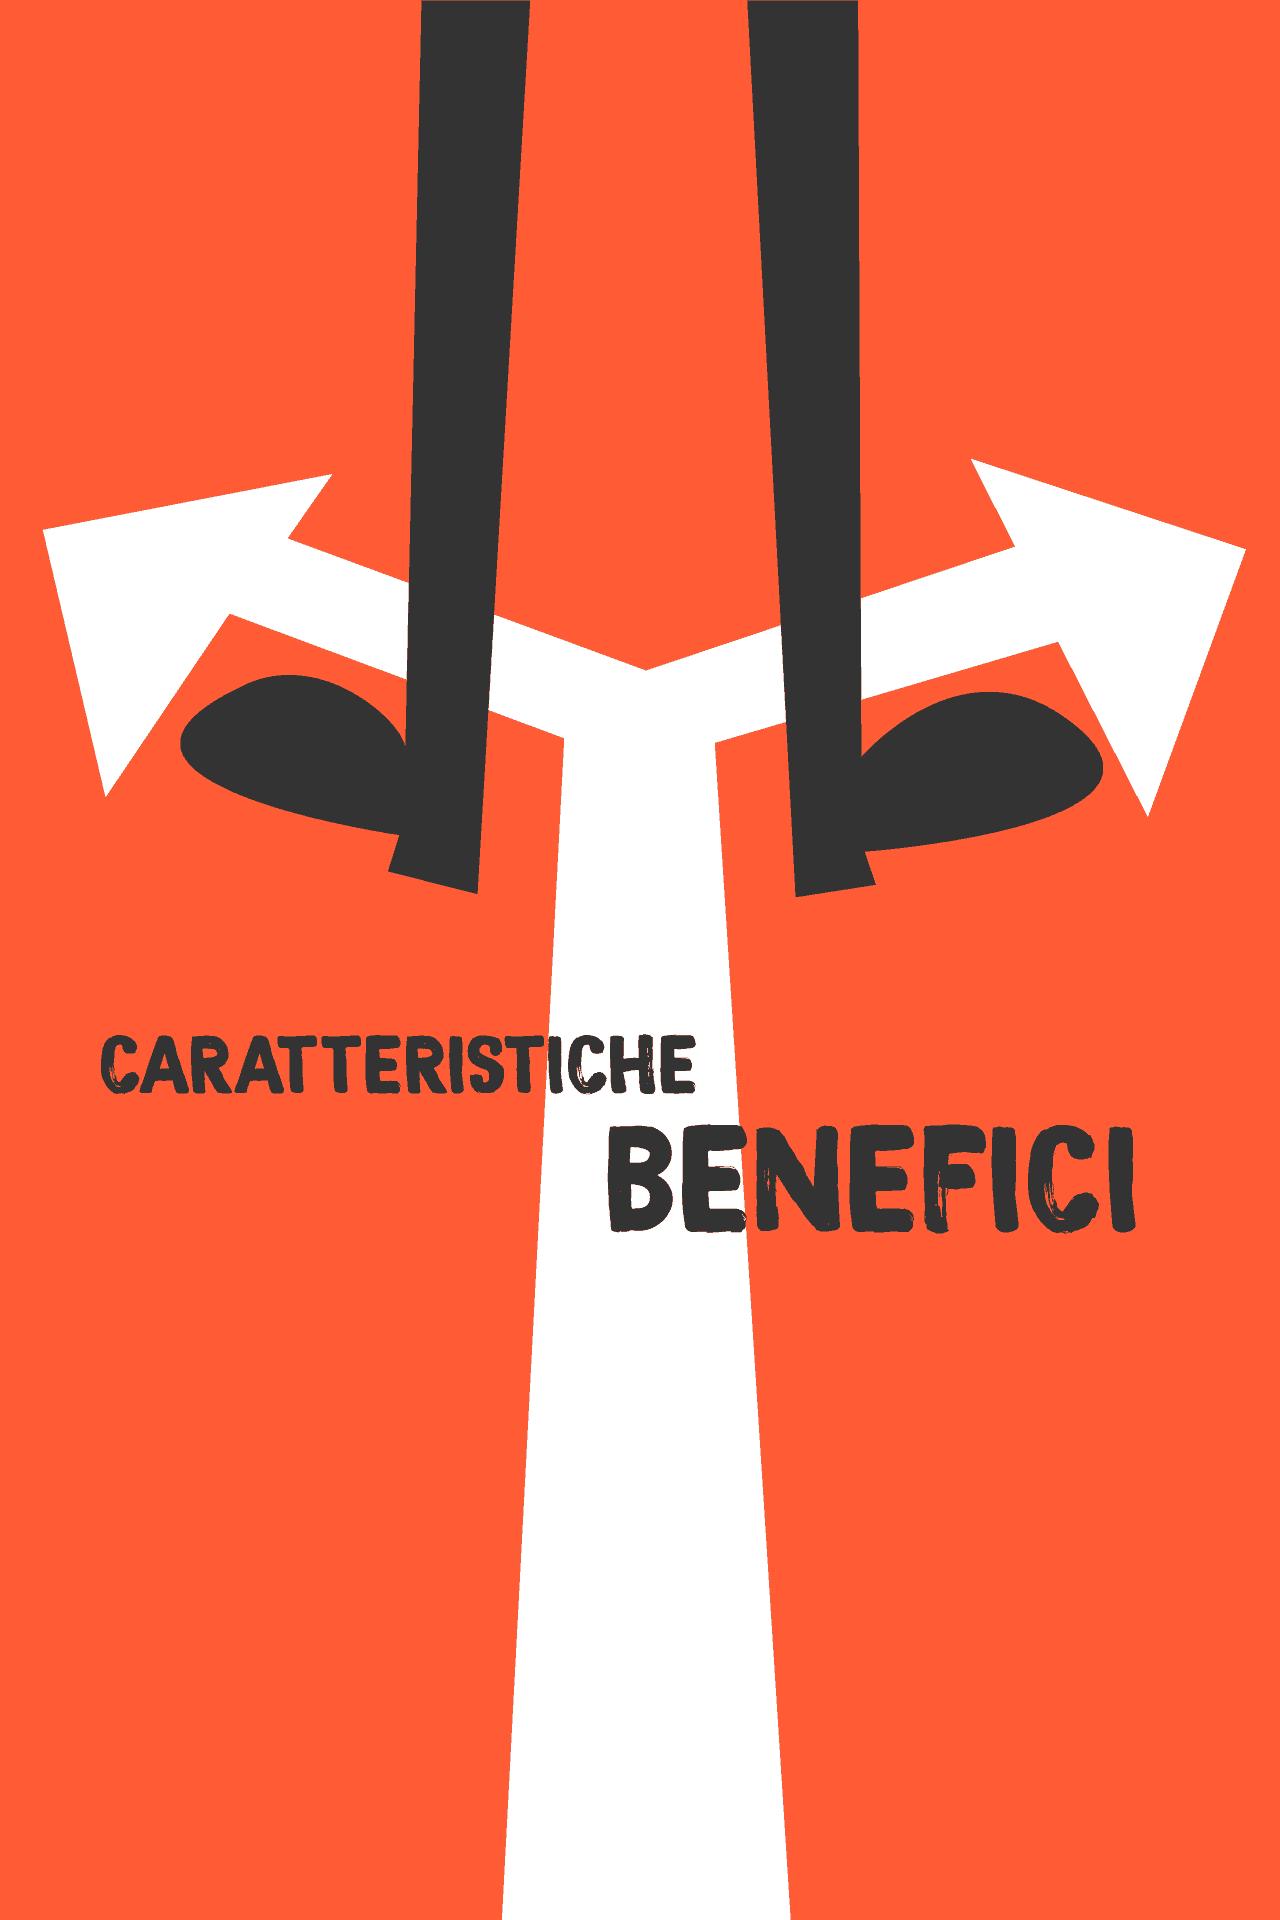 Caratteristiche vs Benefici